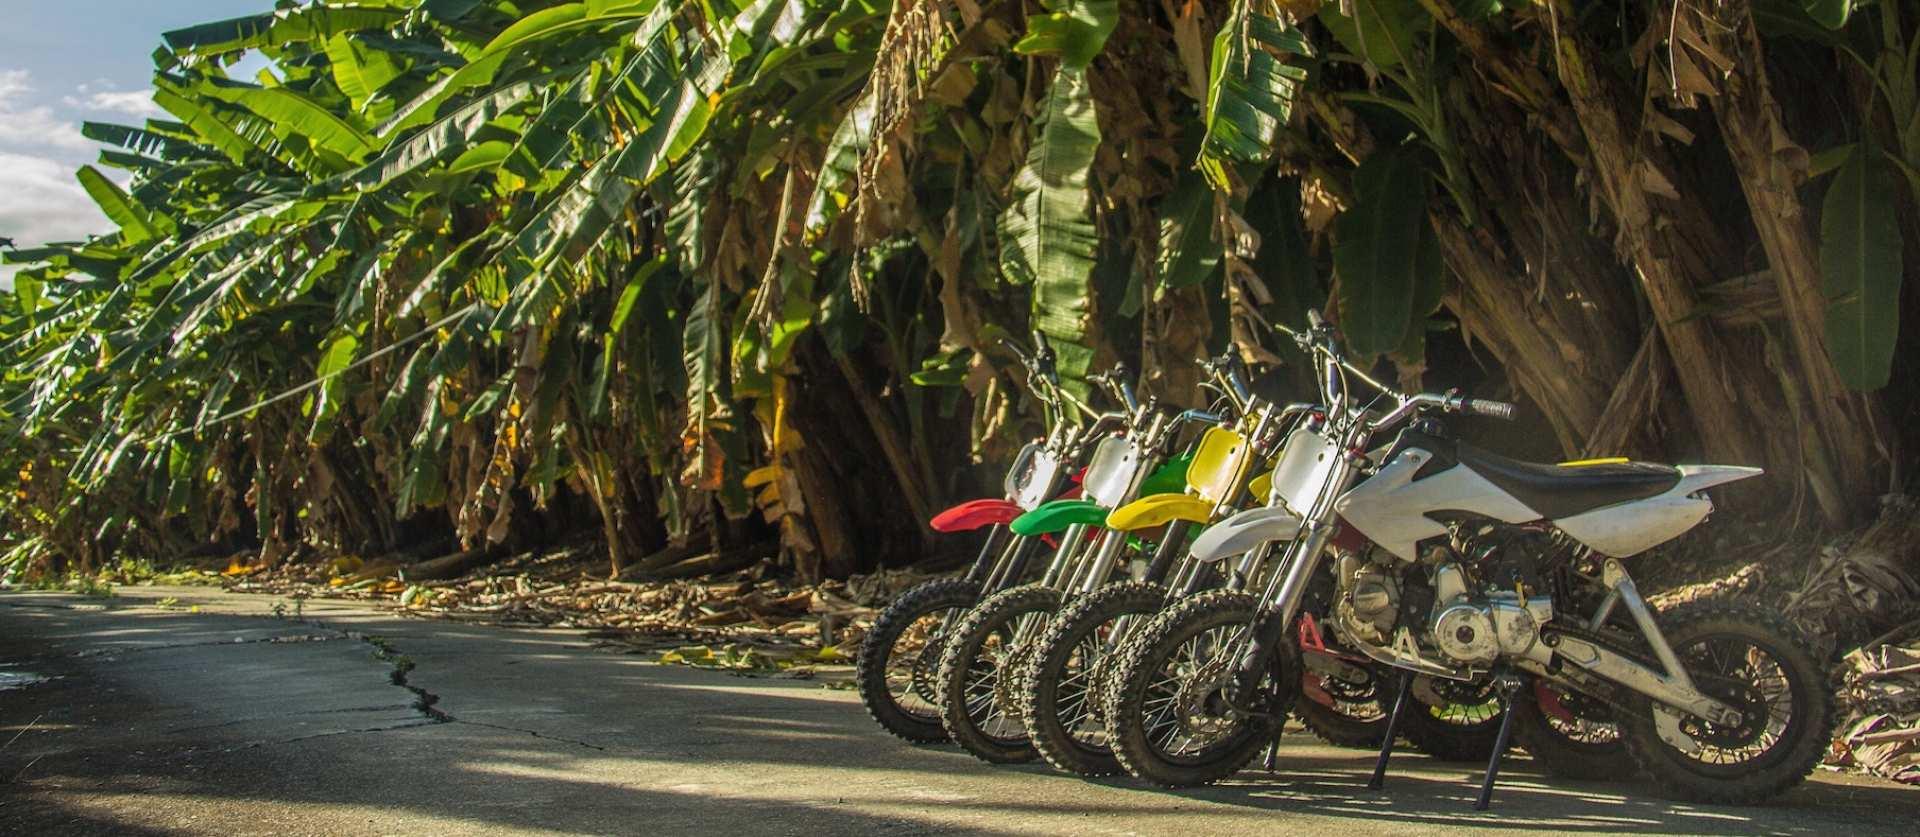 【花蓮香蕉林道越野騎】在香蕉林道秘境體驗越野機車